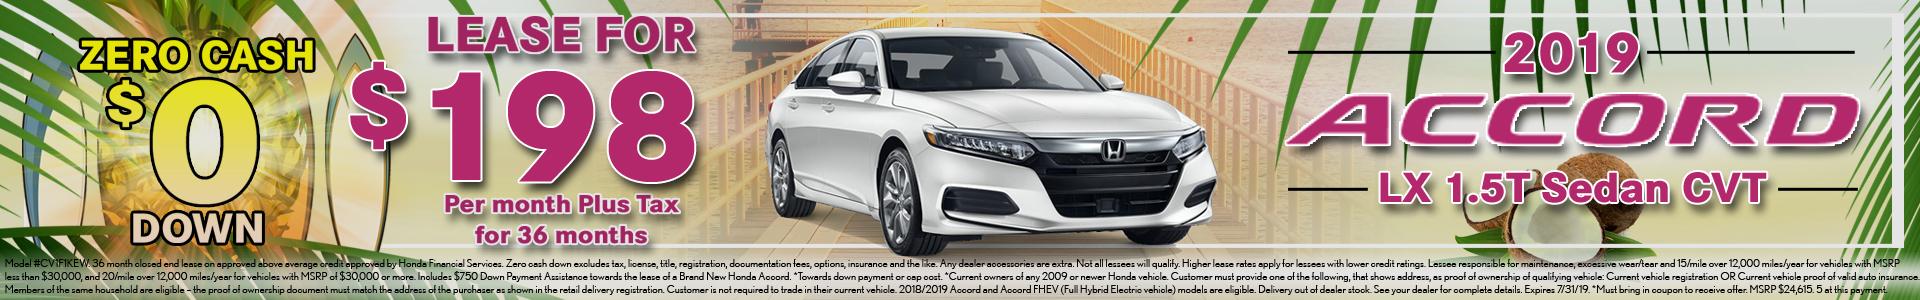 Honda Accord $198 Lease